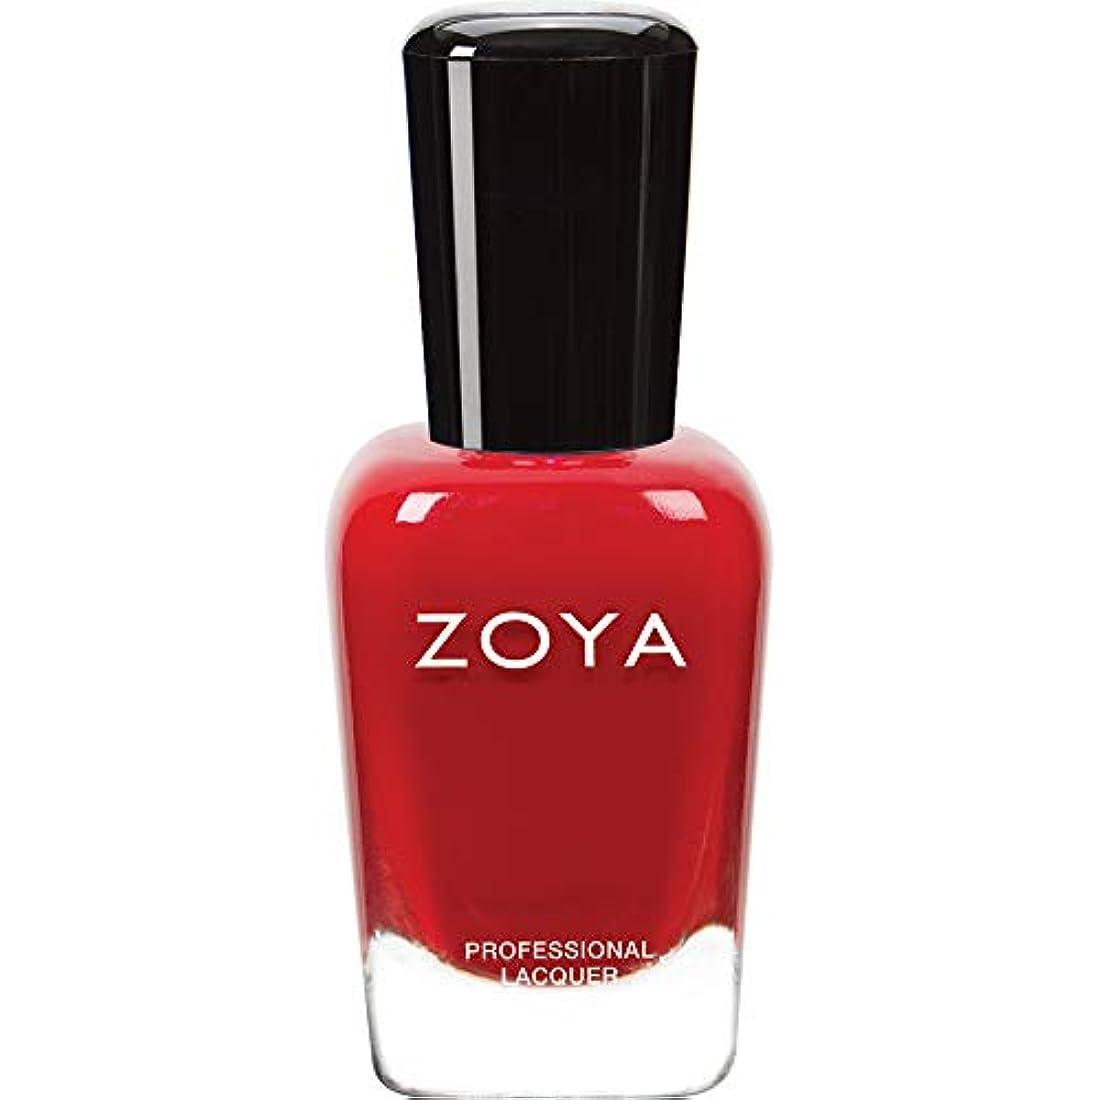 ZOYA ゾーヤ ネイルカラーZP001 CARMEN カルメン 15ml 検定カラー 鮮やかなトゥルーレッド マット 爪にやさしいネイルラッカーマニキュア